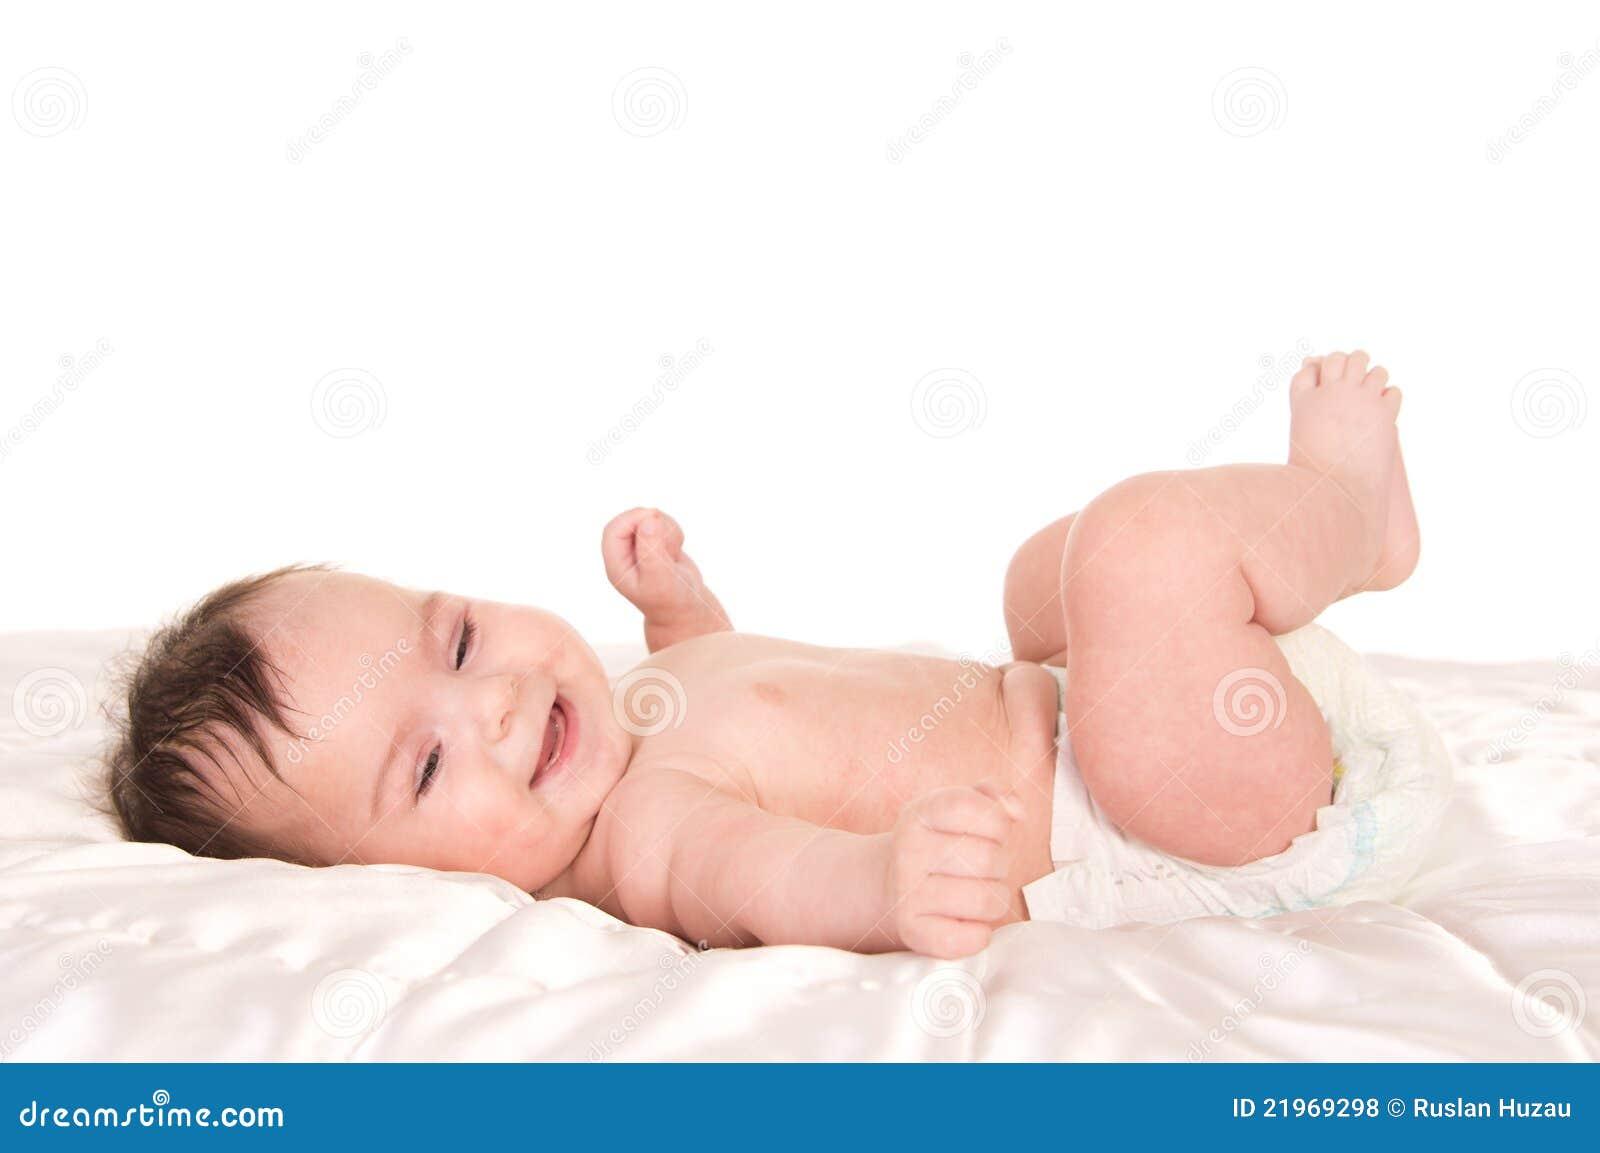 Baby Einstein Exersaucer